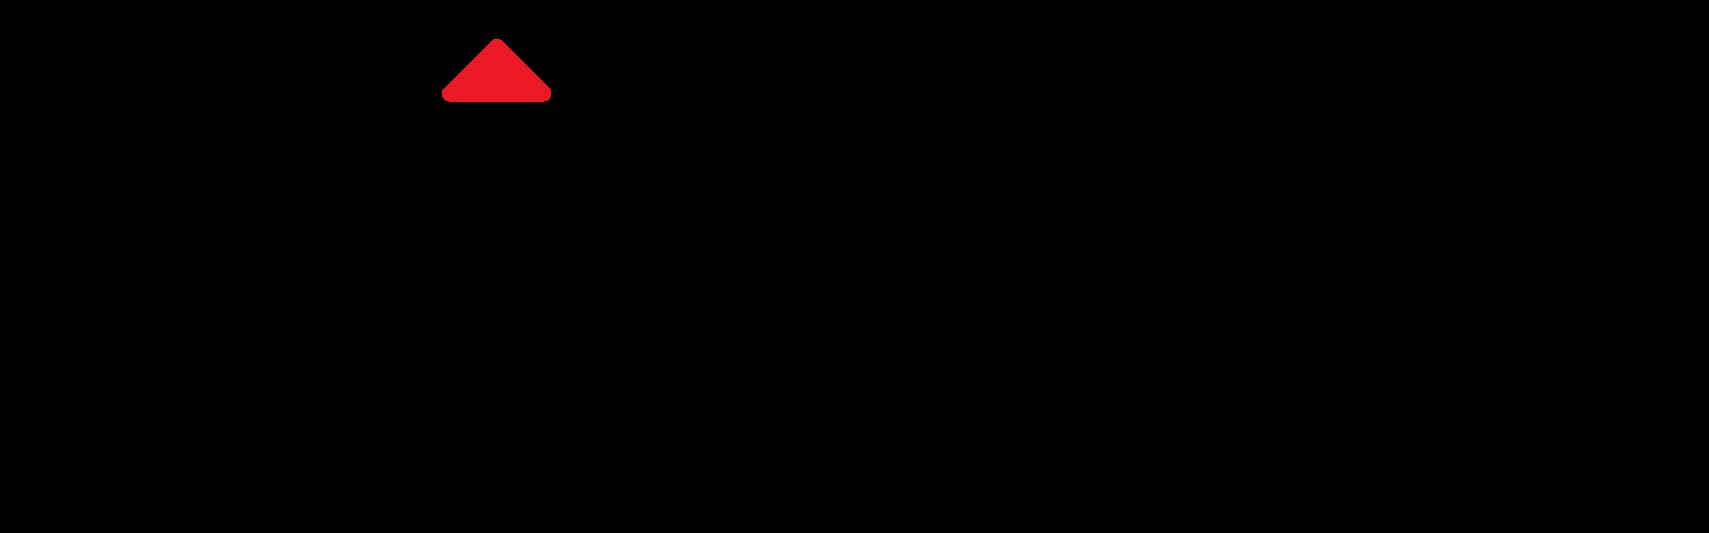 OLAND-GCOM-orientacion canarias